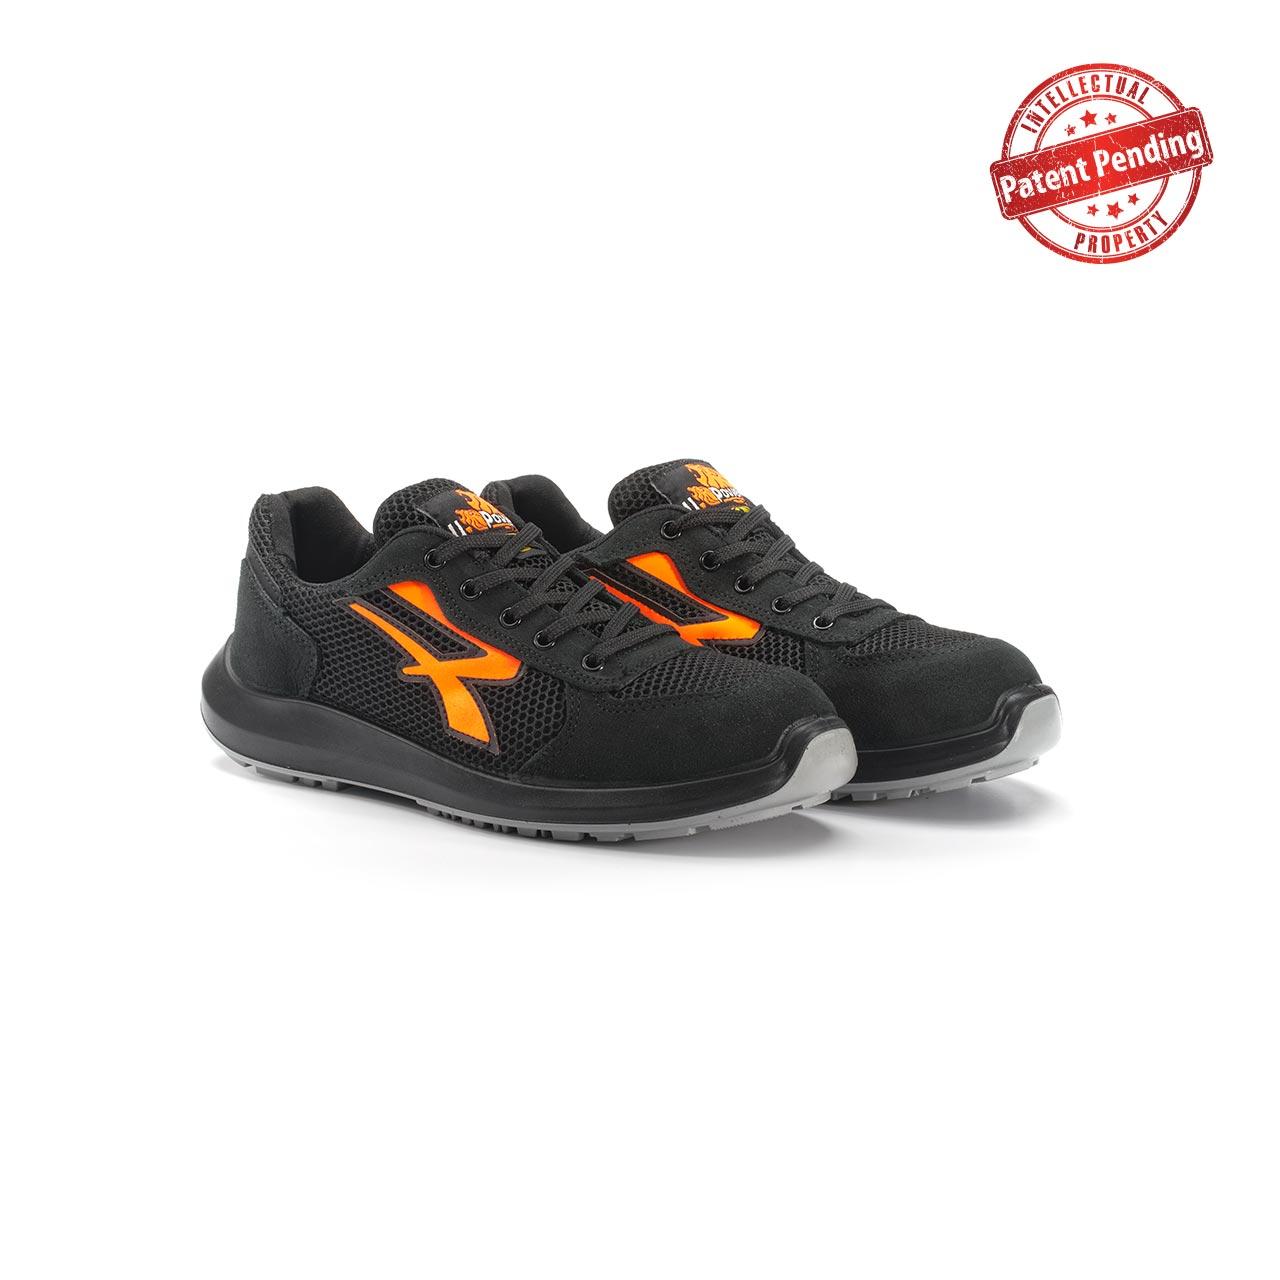 paio di scarpe antinfortunistiche upower modello atos linea redup vista prospettica